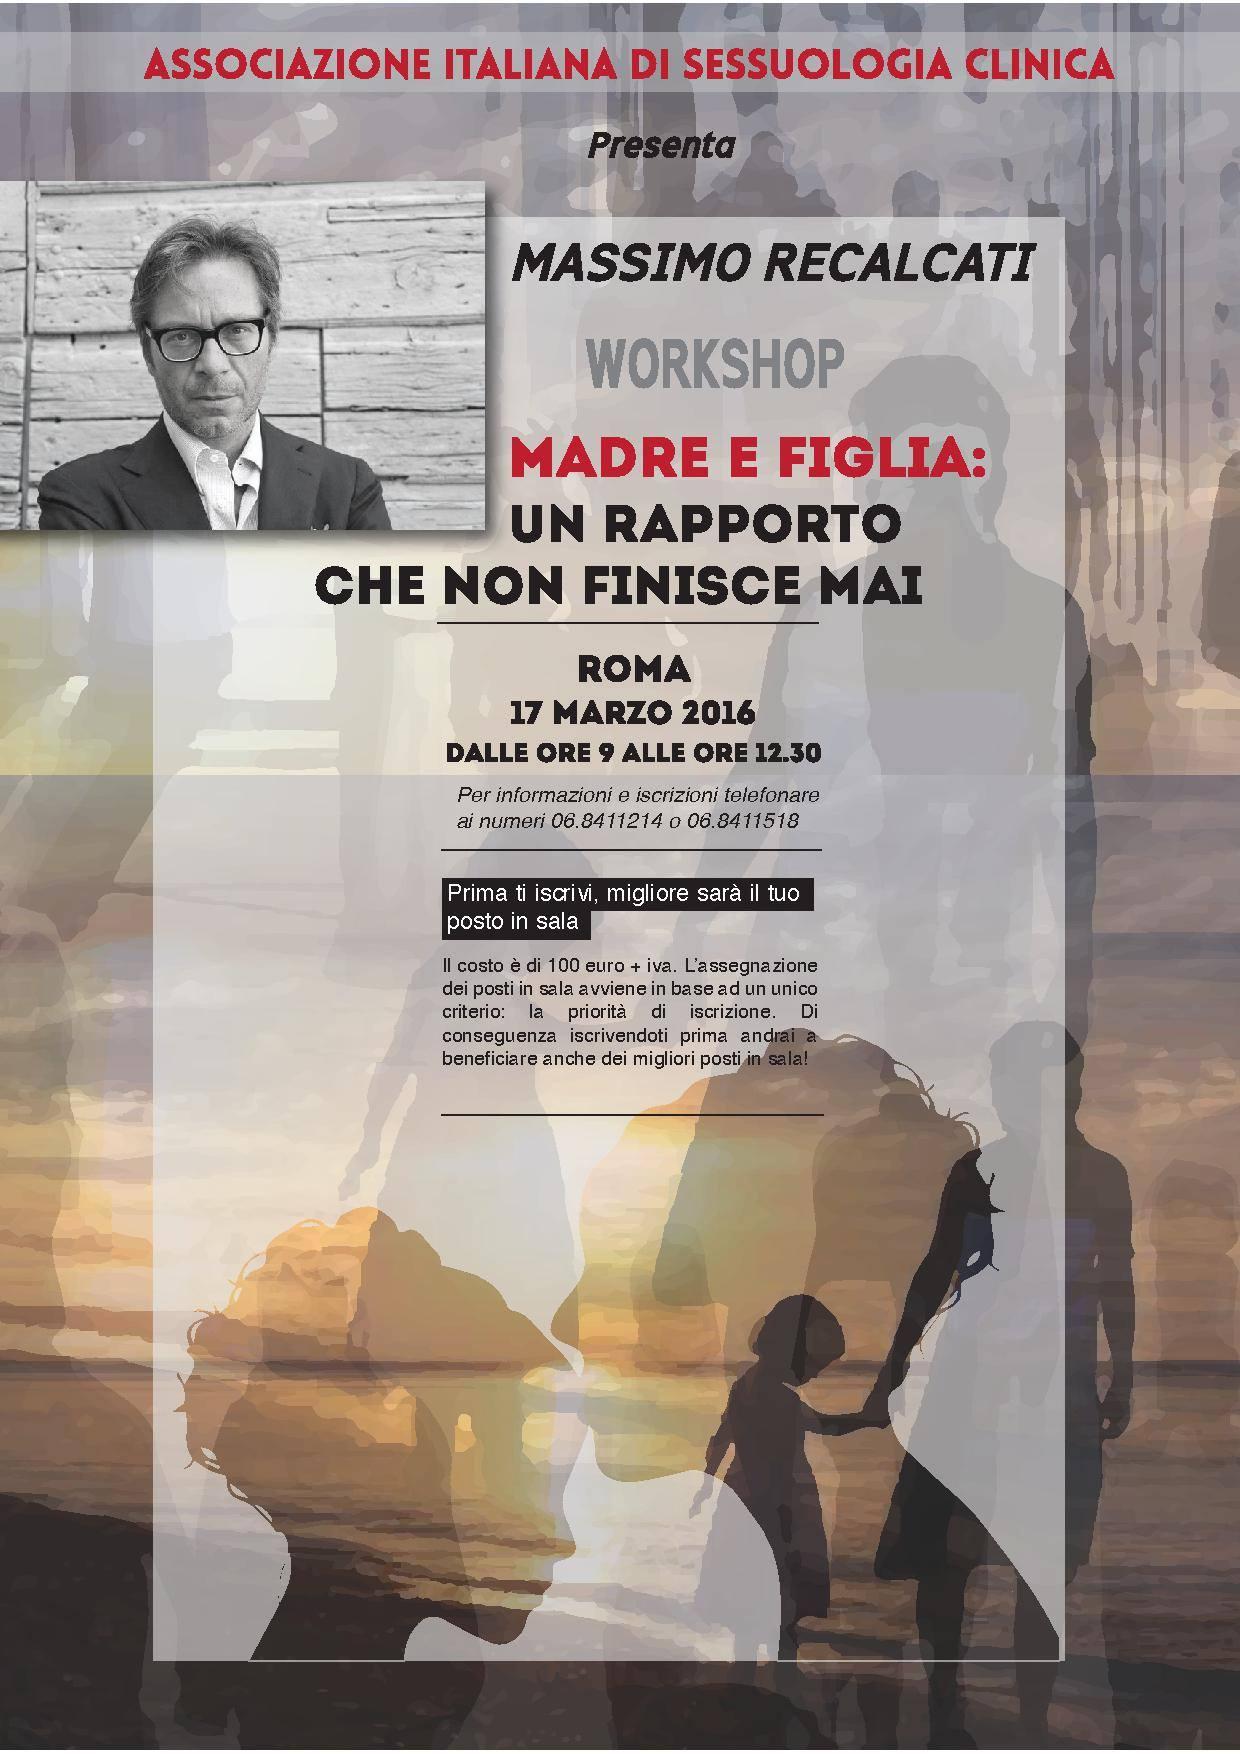 Madre e Figlia: un rapporto che non finisce mai. Workshop di Massimo Recalcati, Roma 17 Marzo 2016.